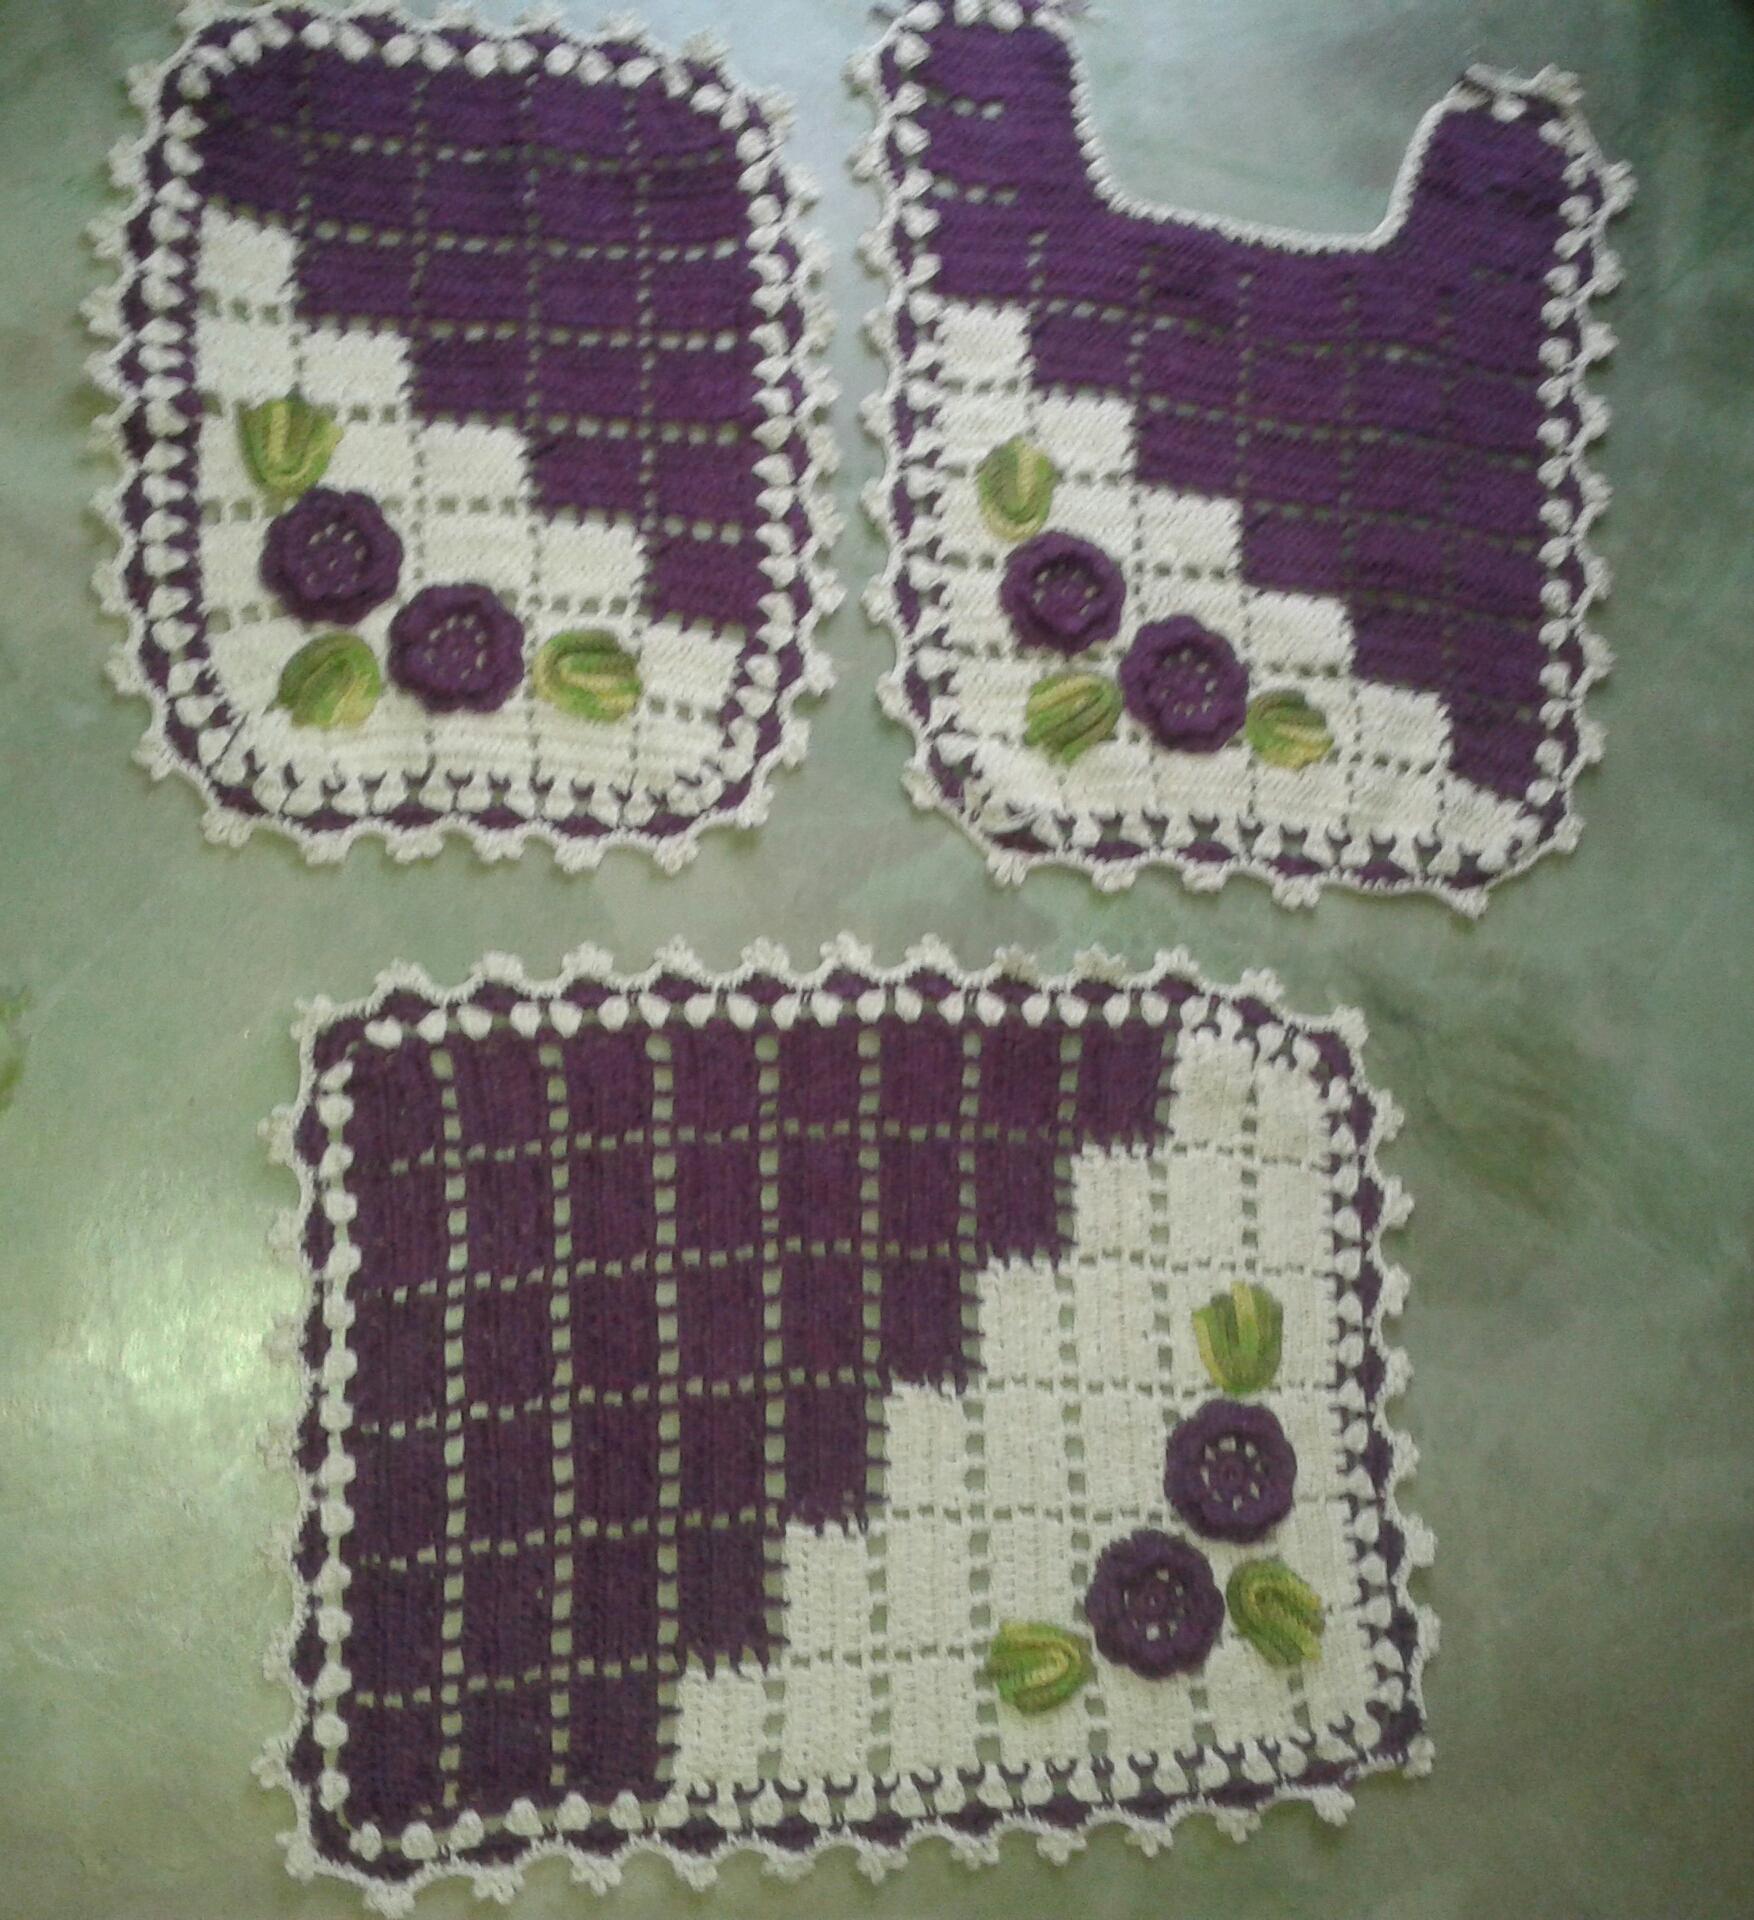 Jogo De Banheiro Quadrado Simples : Jogo banheiro simples de croche liusn obtenha uma